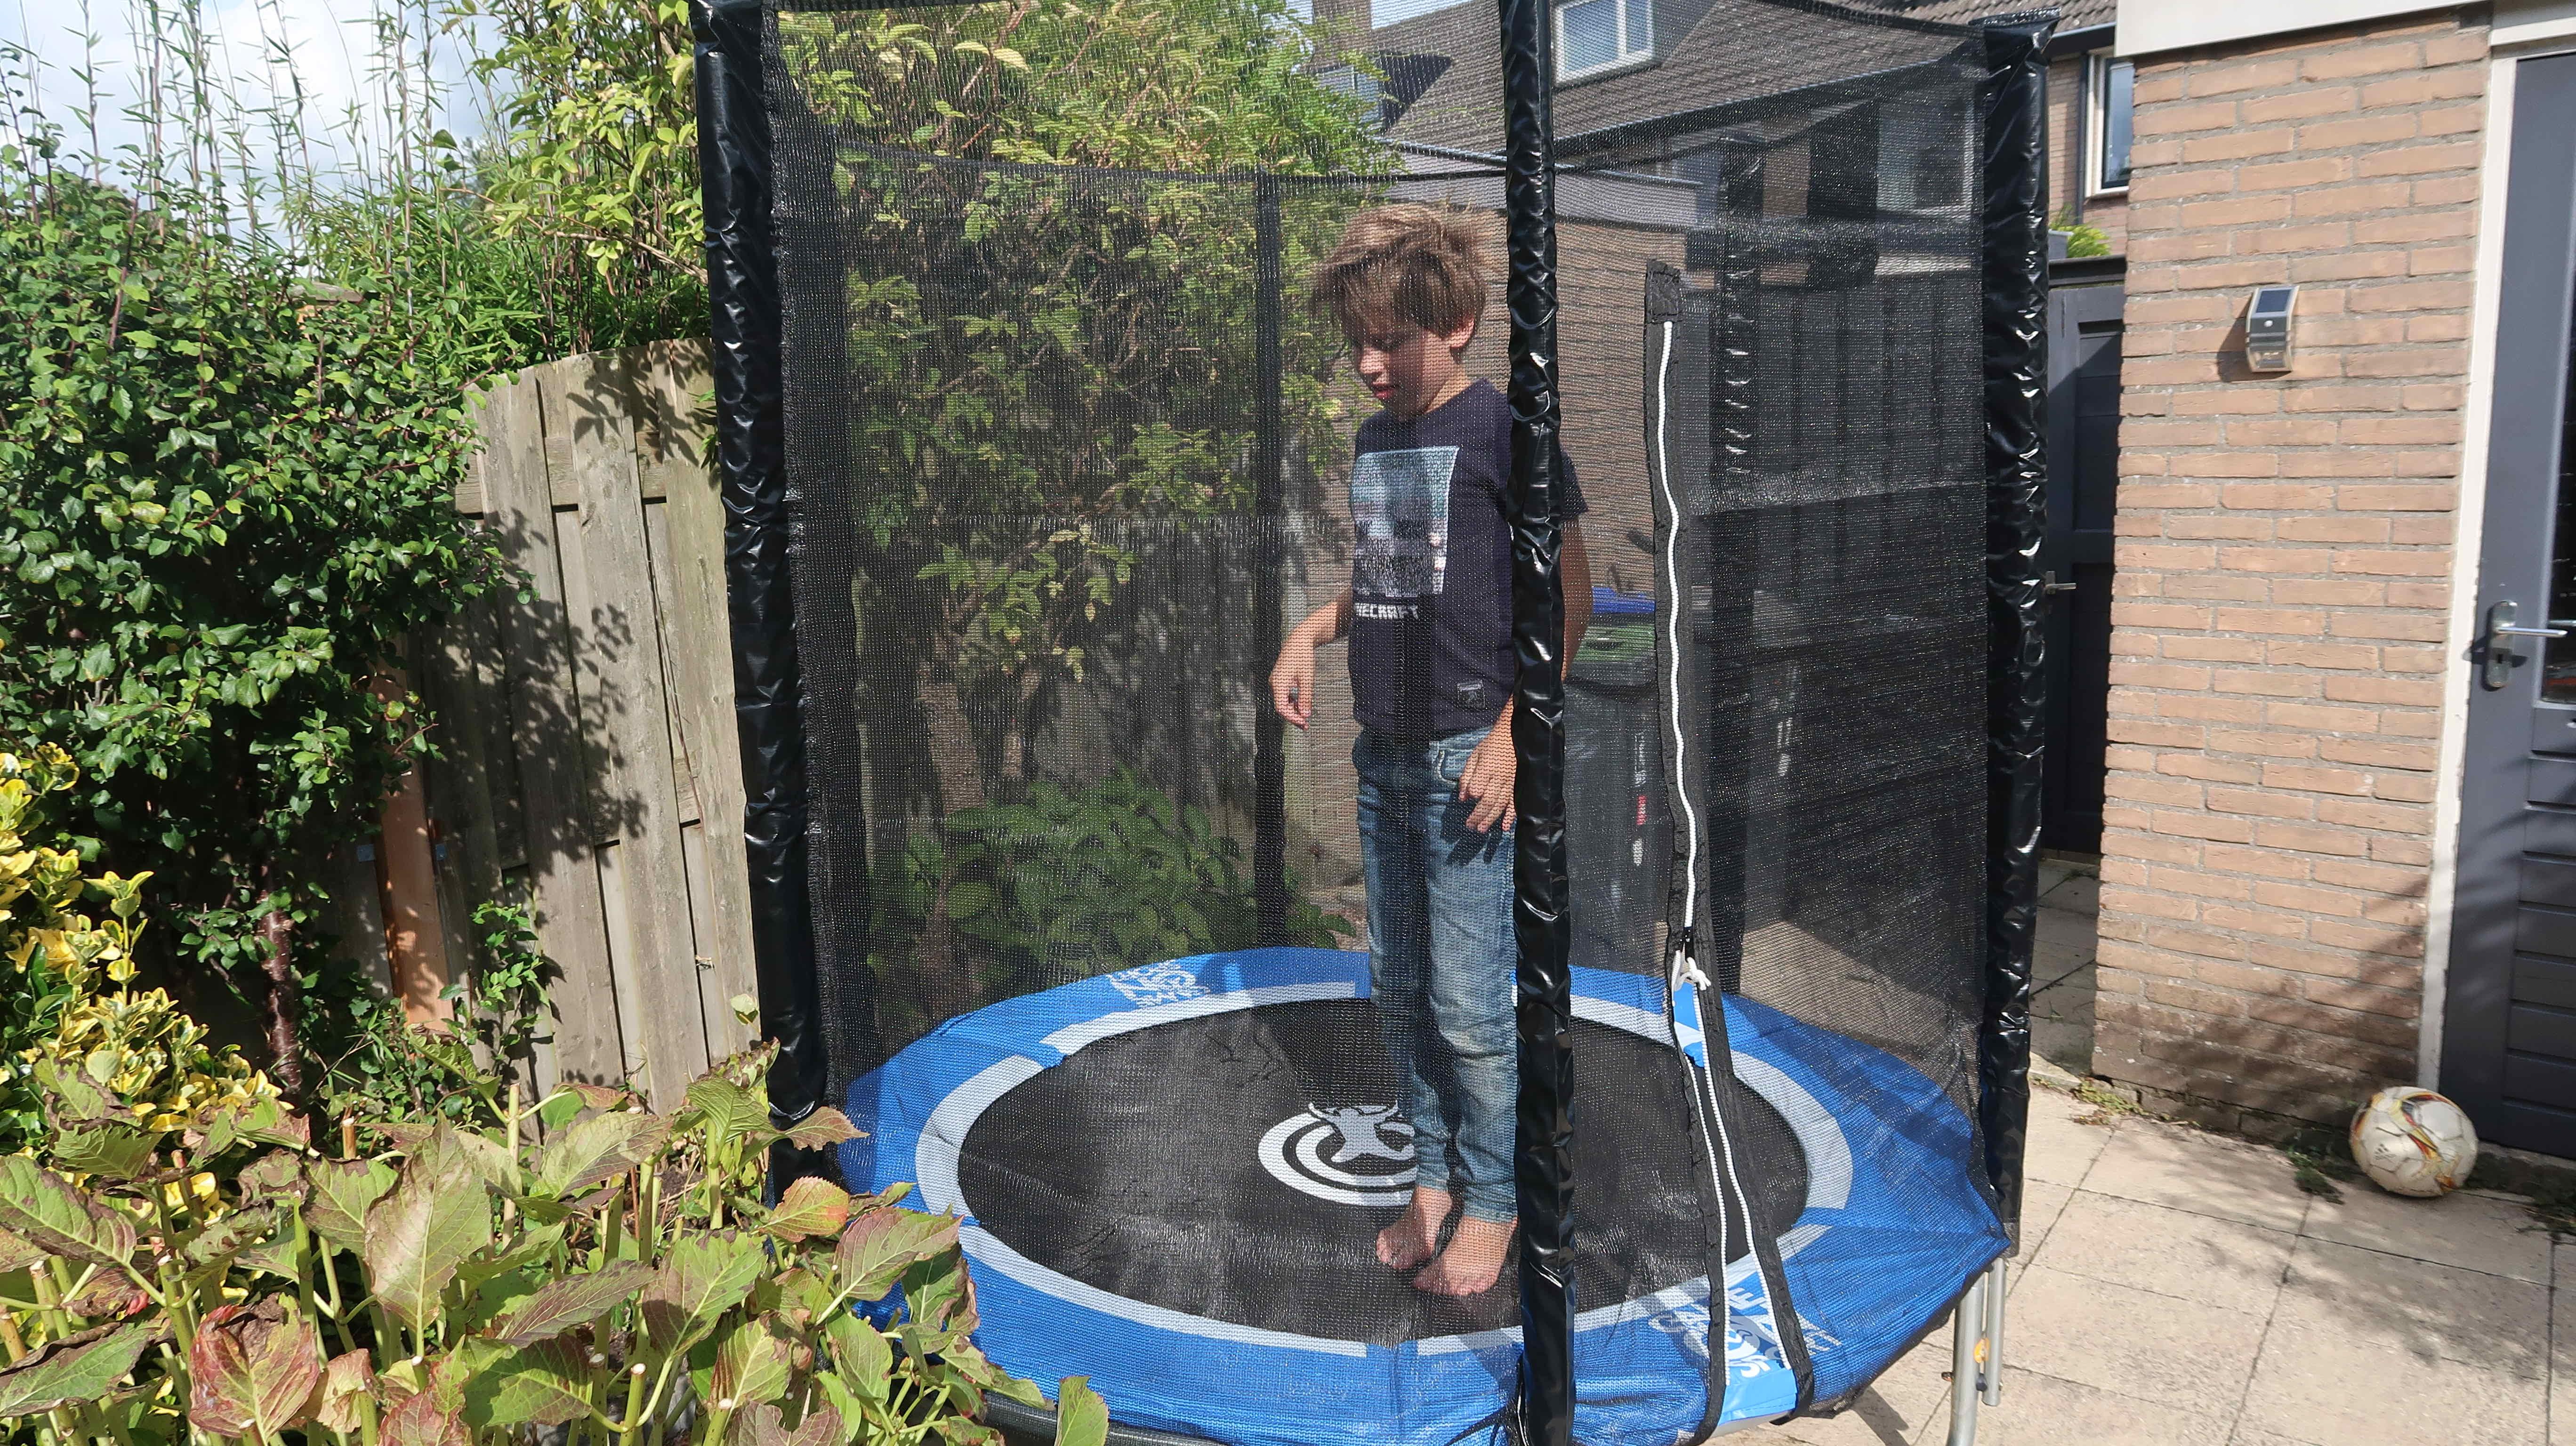 met een trampoline spelen kinderen het hele jaar buiten